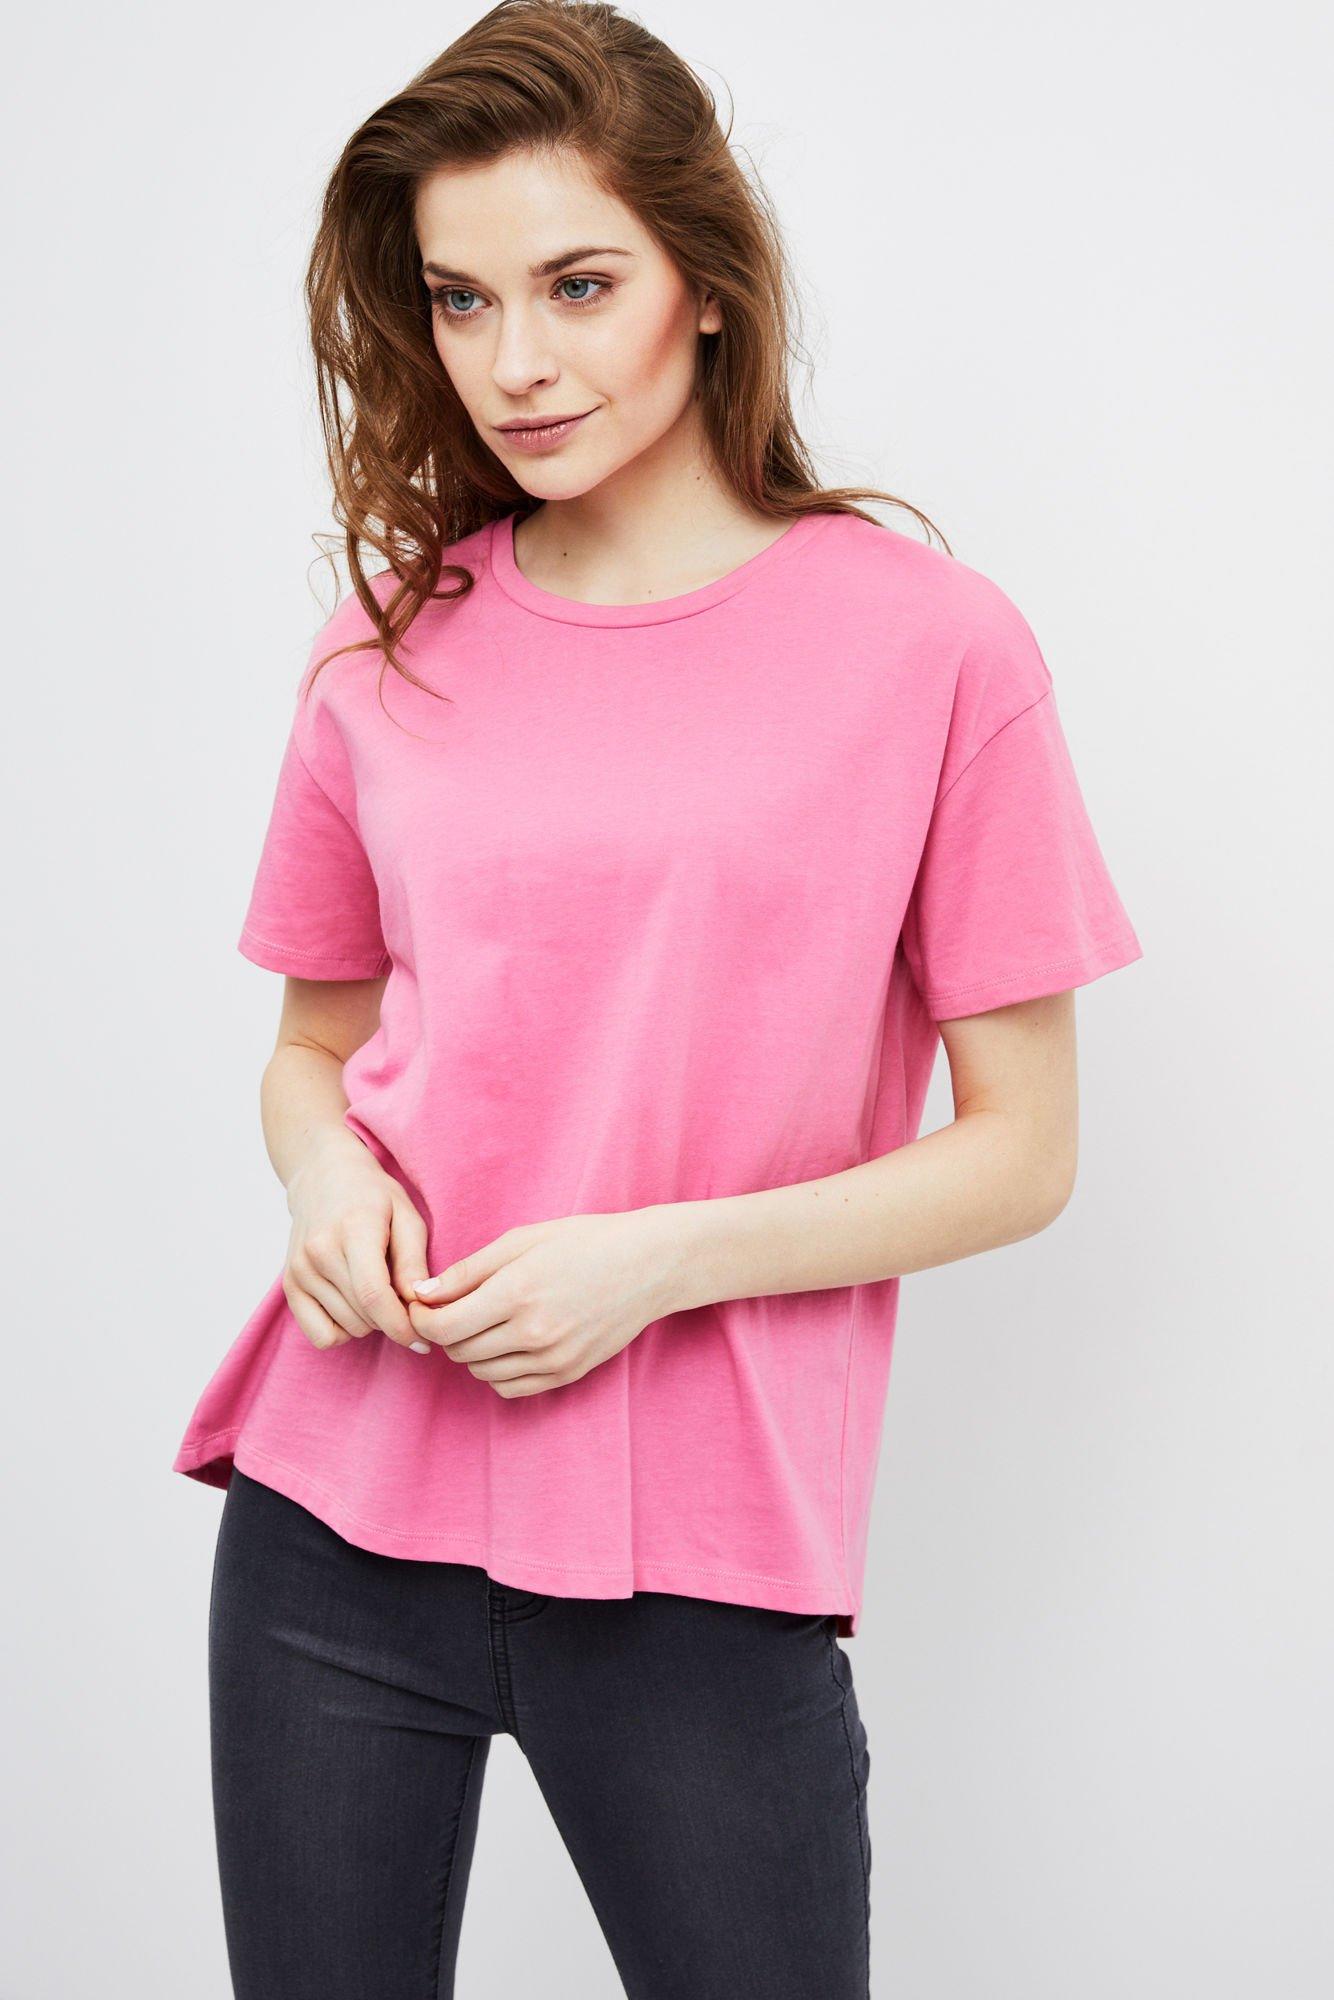 -20% na bluzki, swetry i koszule. Bluzka z ozdobnym tyłem za 4,79 i wiele innych.